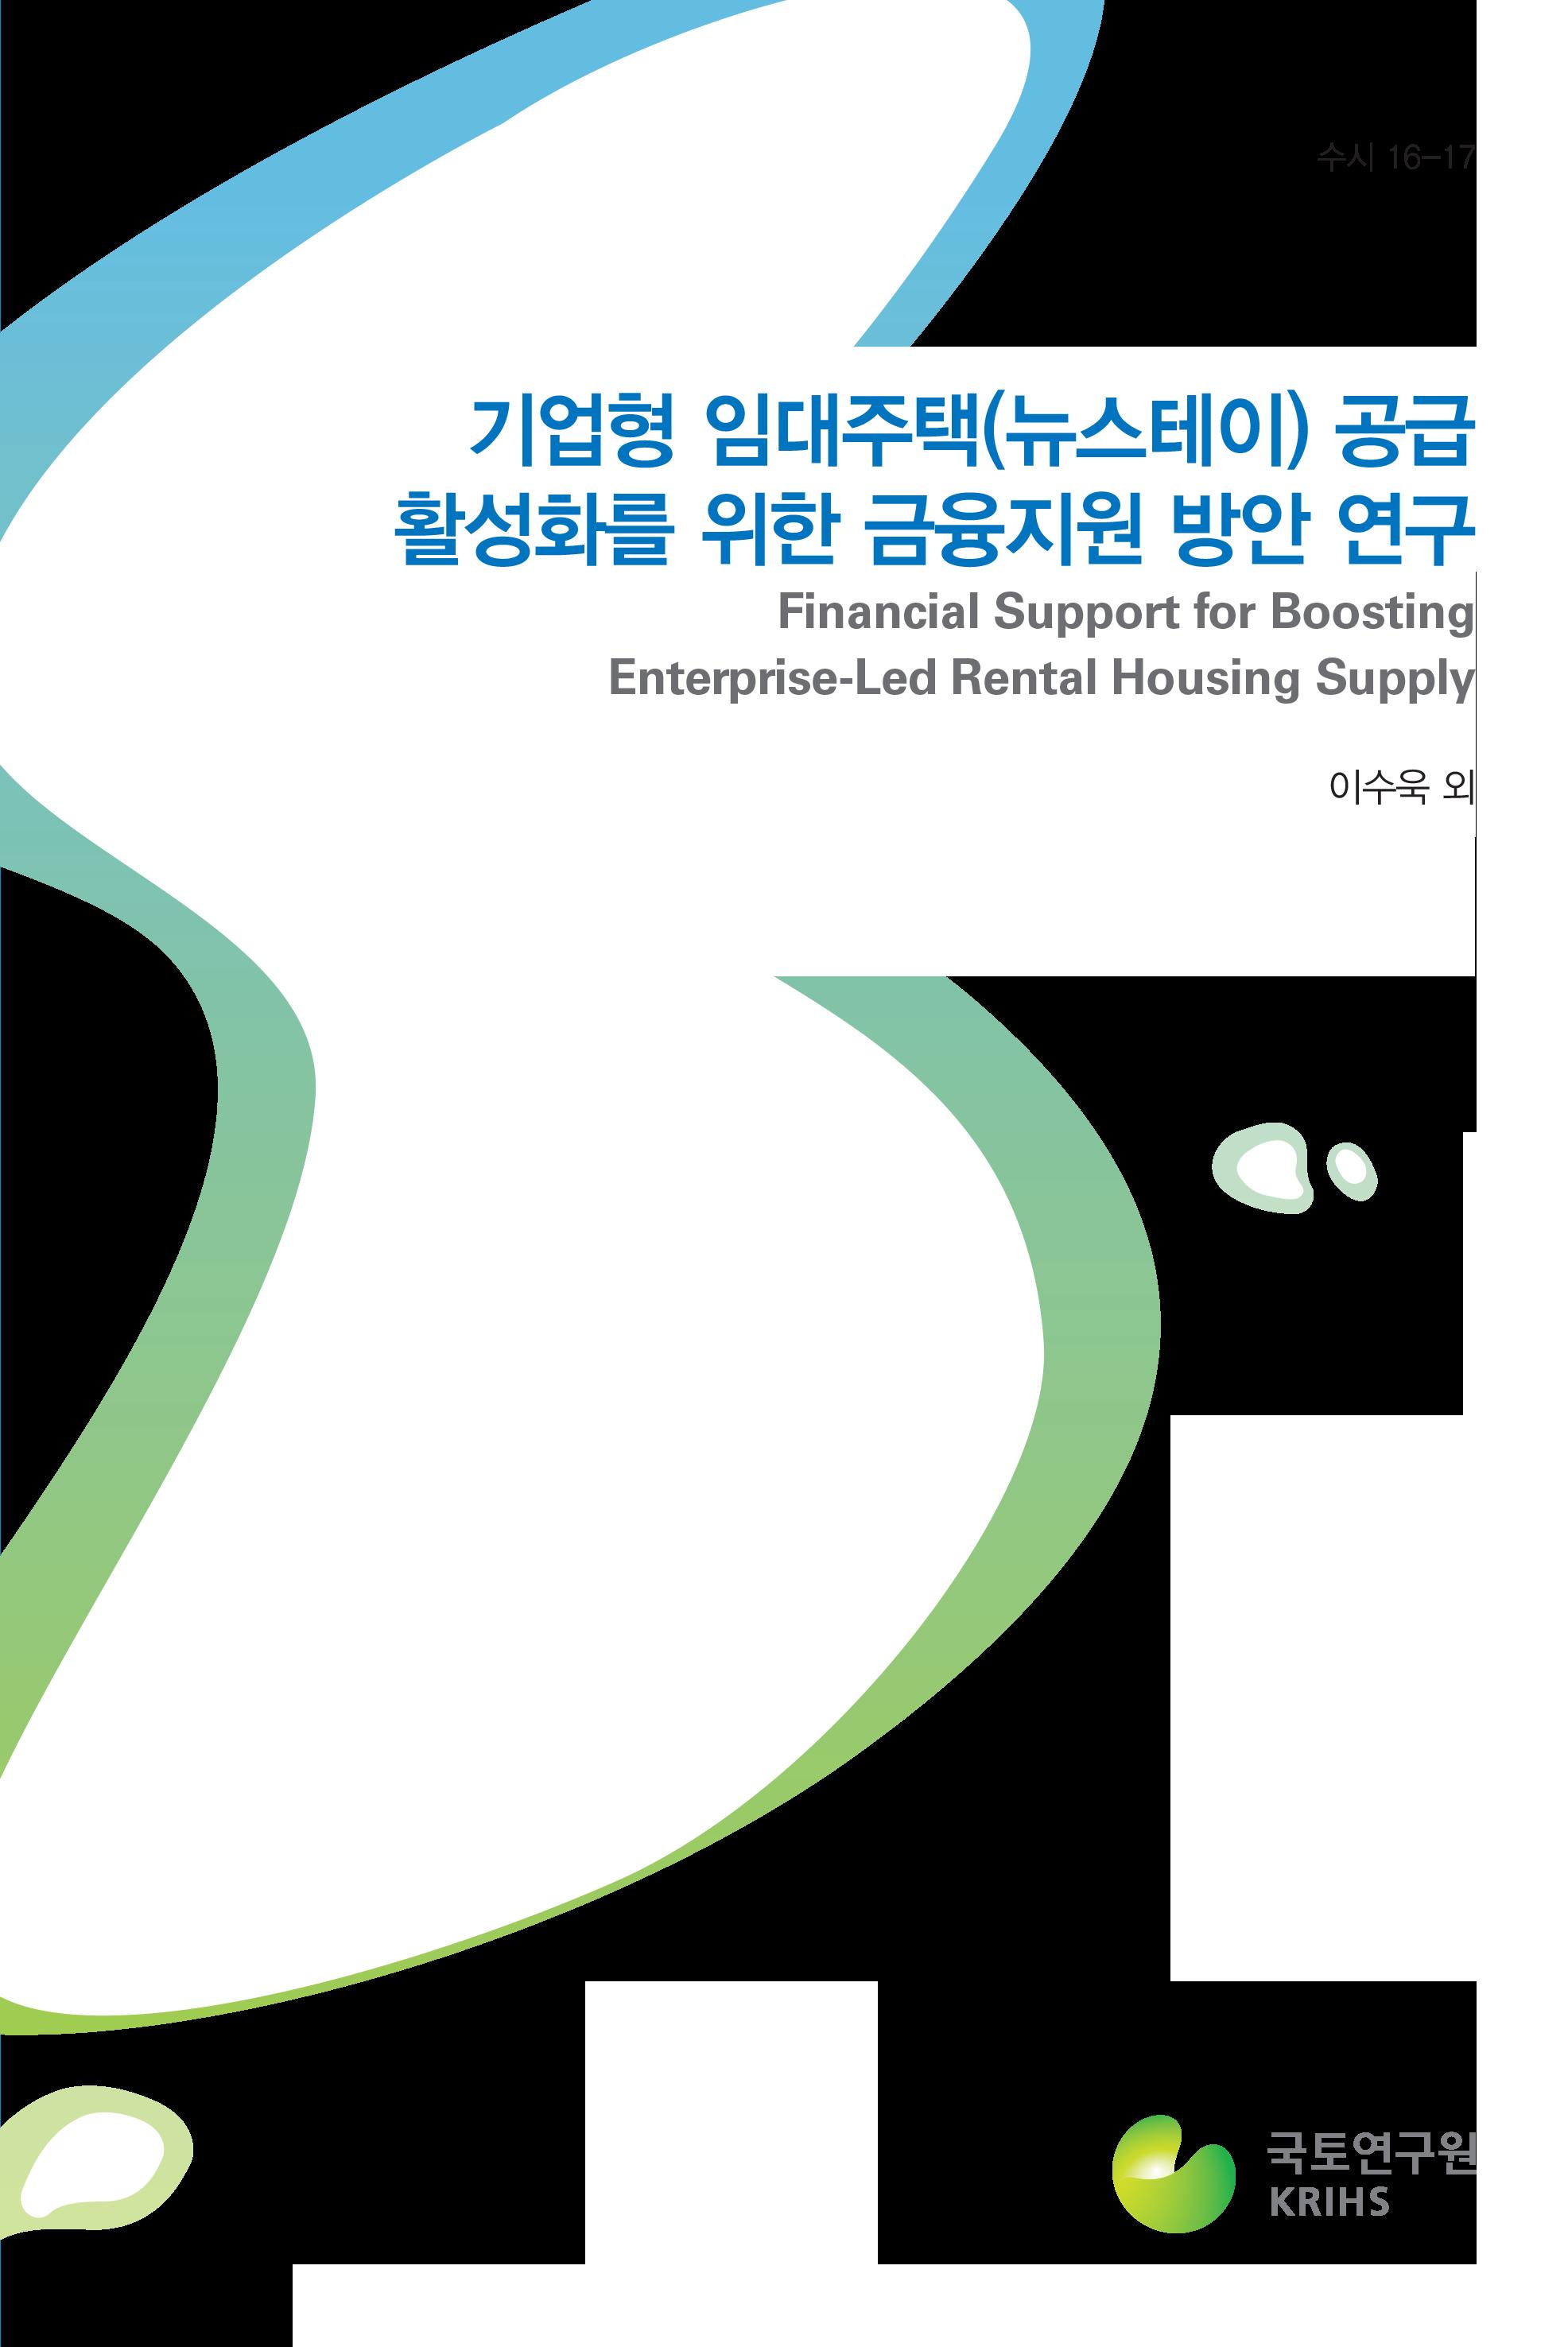 기업형 임대주택(뉴스테이) 공급 활성화를 위한 금융지원 방안 연구표지